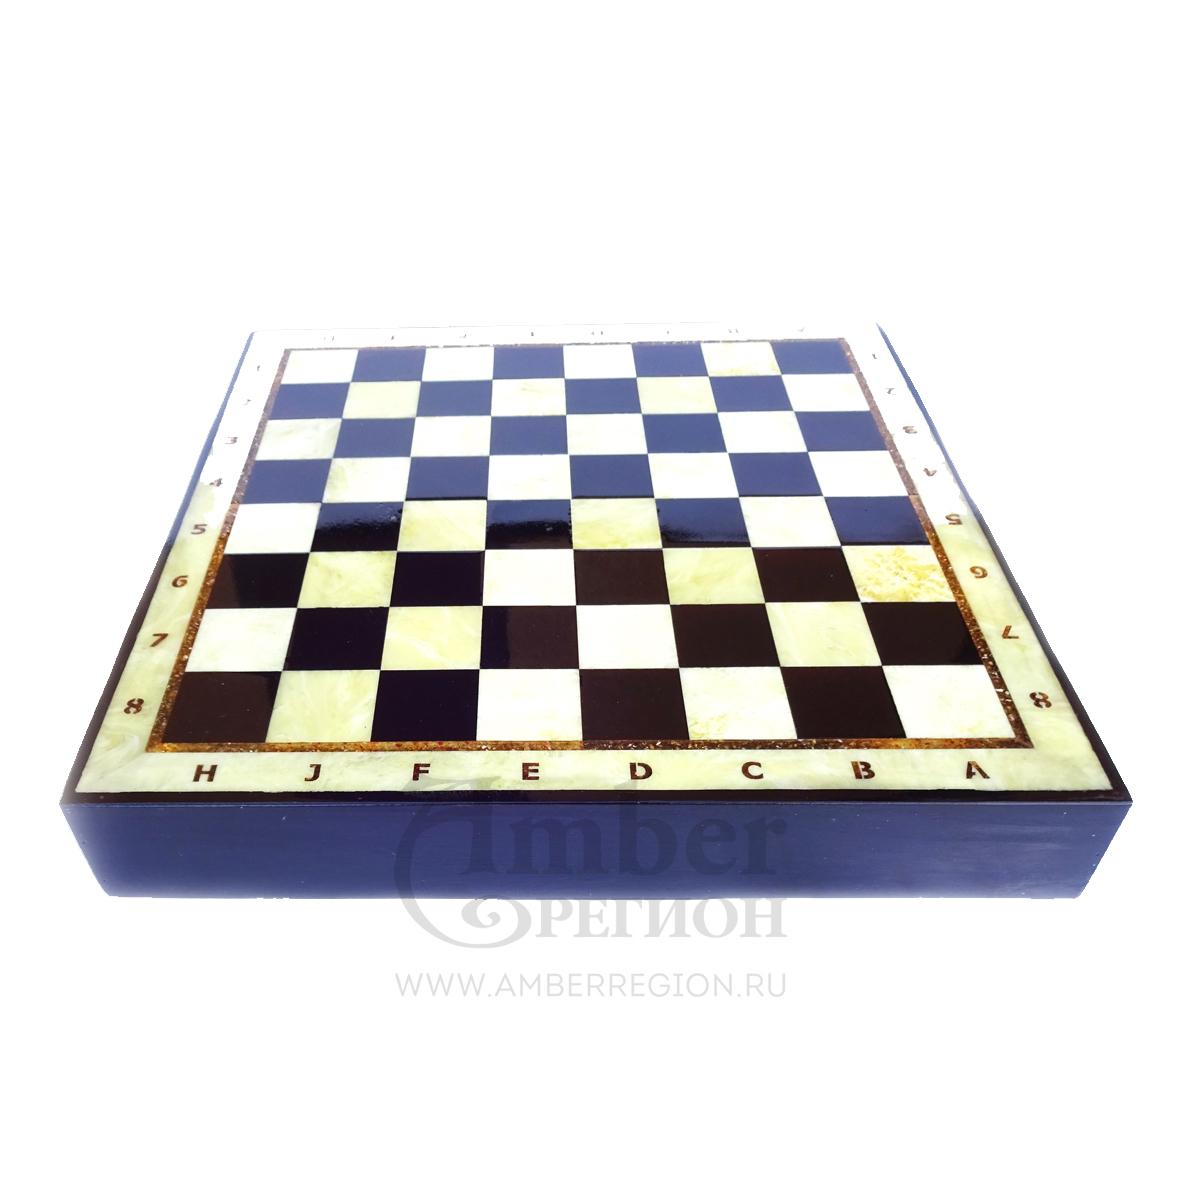 Янтарная шахматная доска-коробка 35*35 см (дуб) 3 шт.